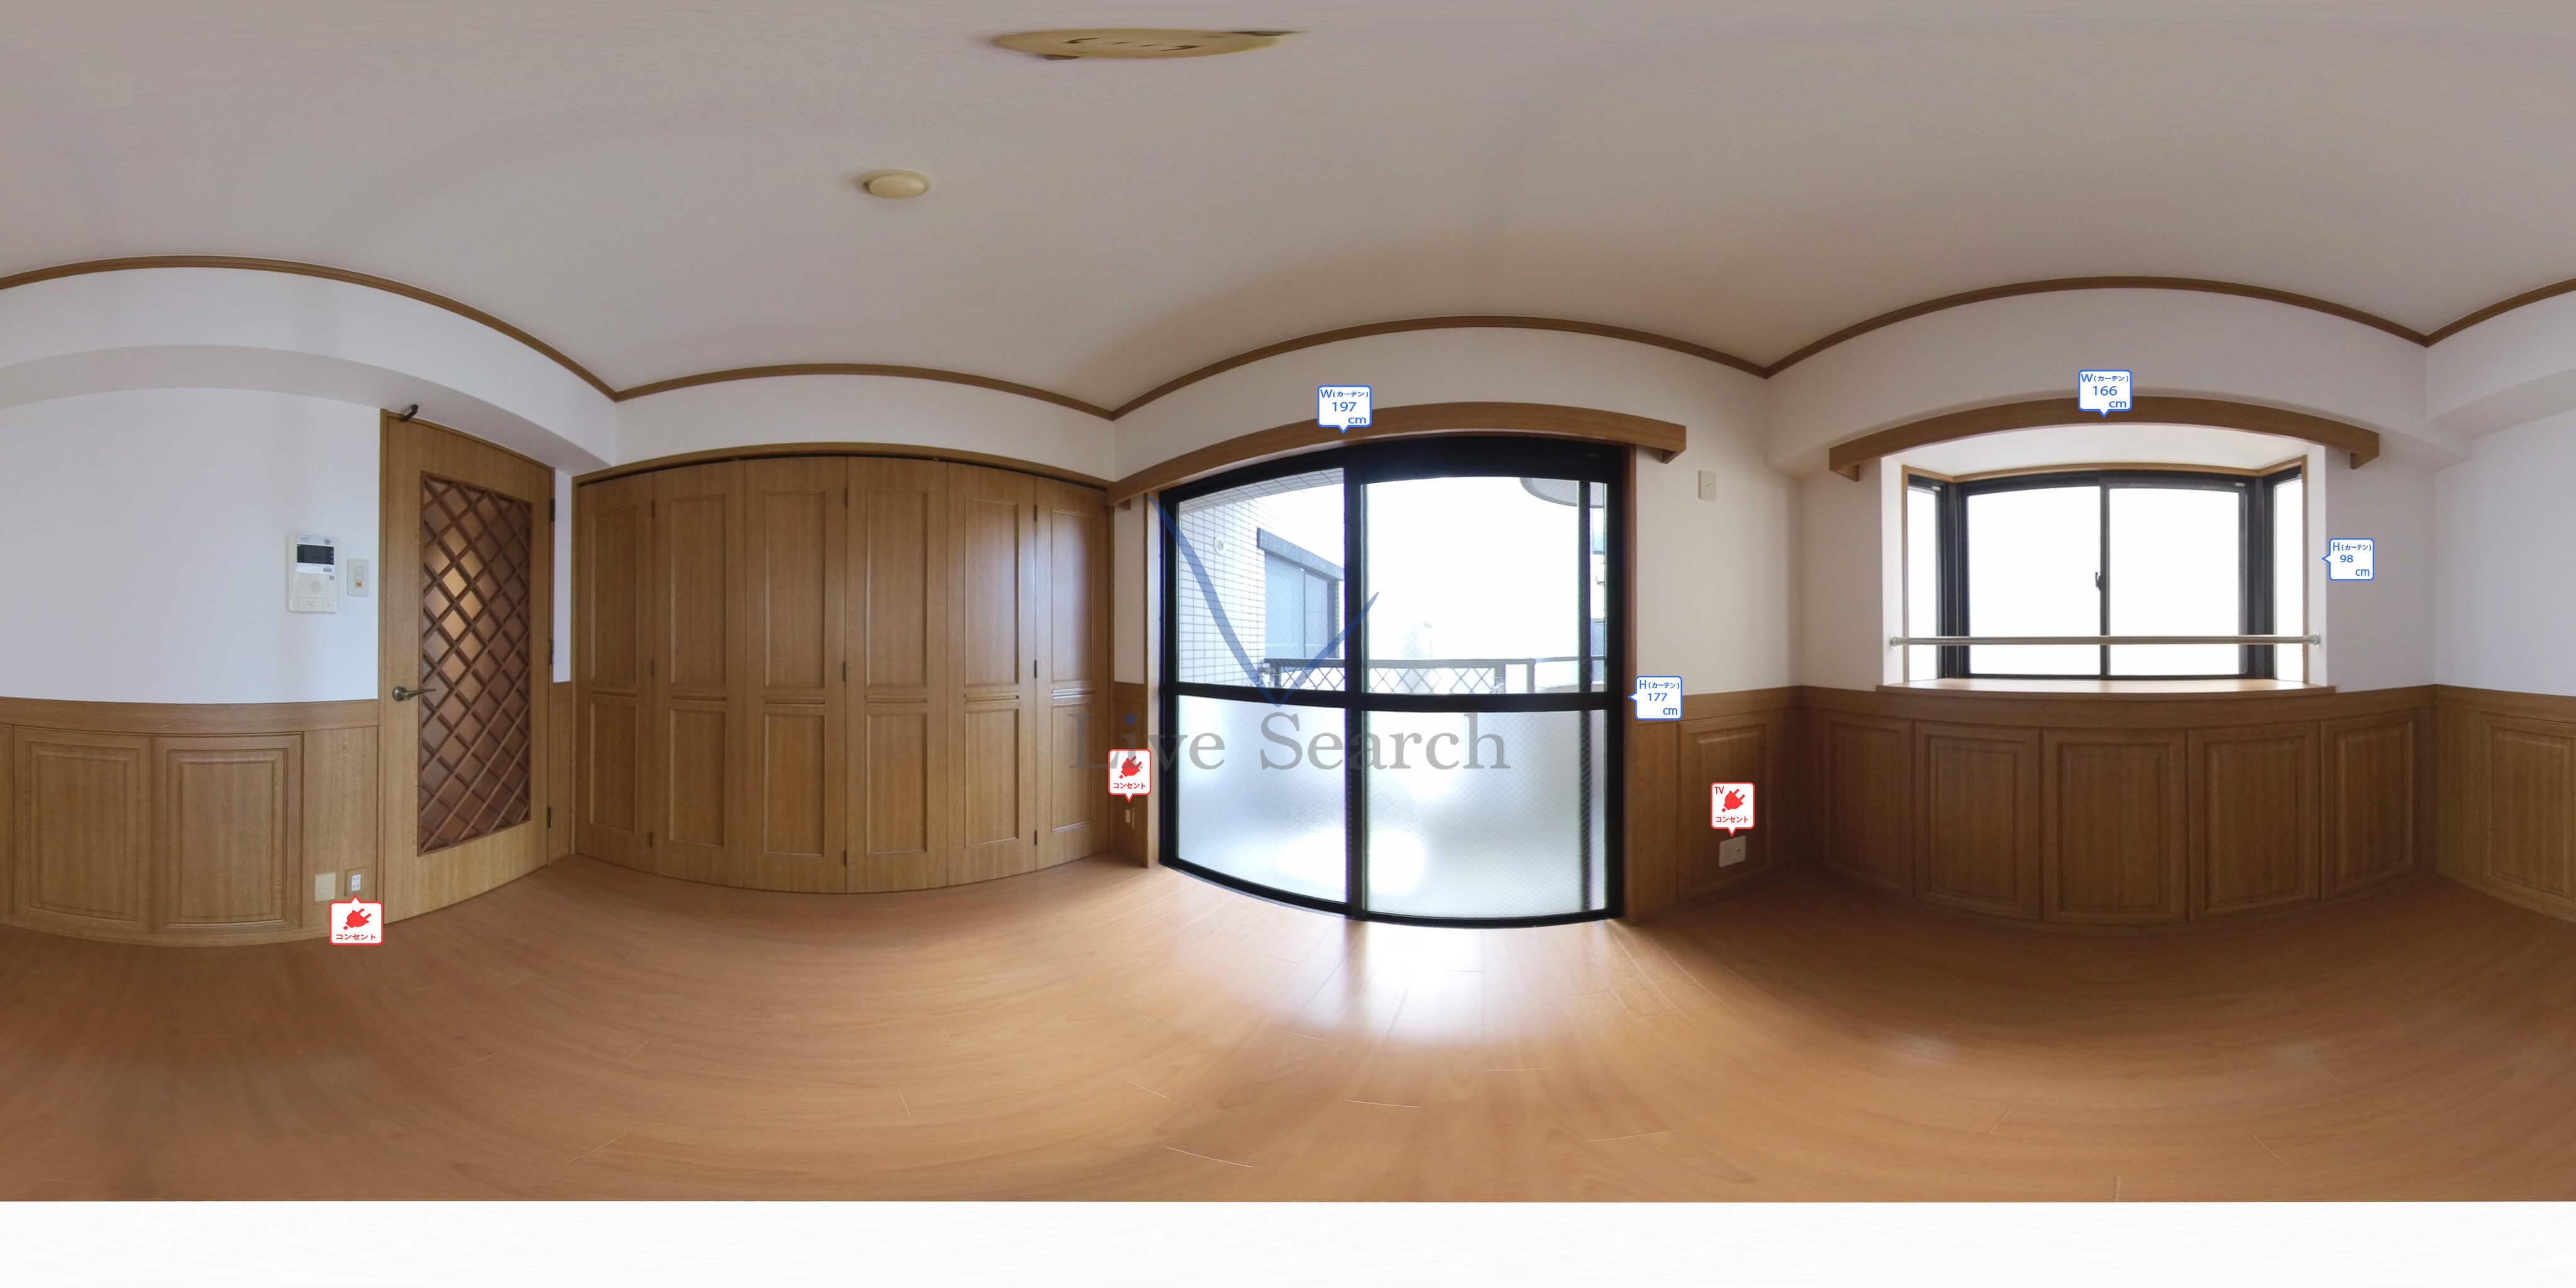 ステイツ平尾 702 【中央区平尾駅】 の外観写真